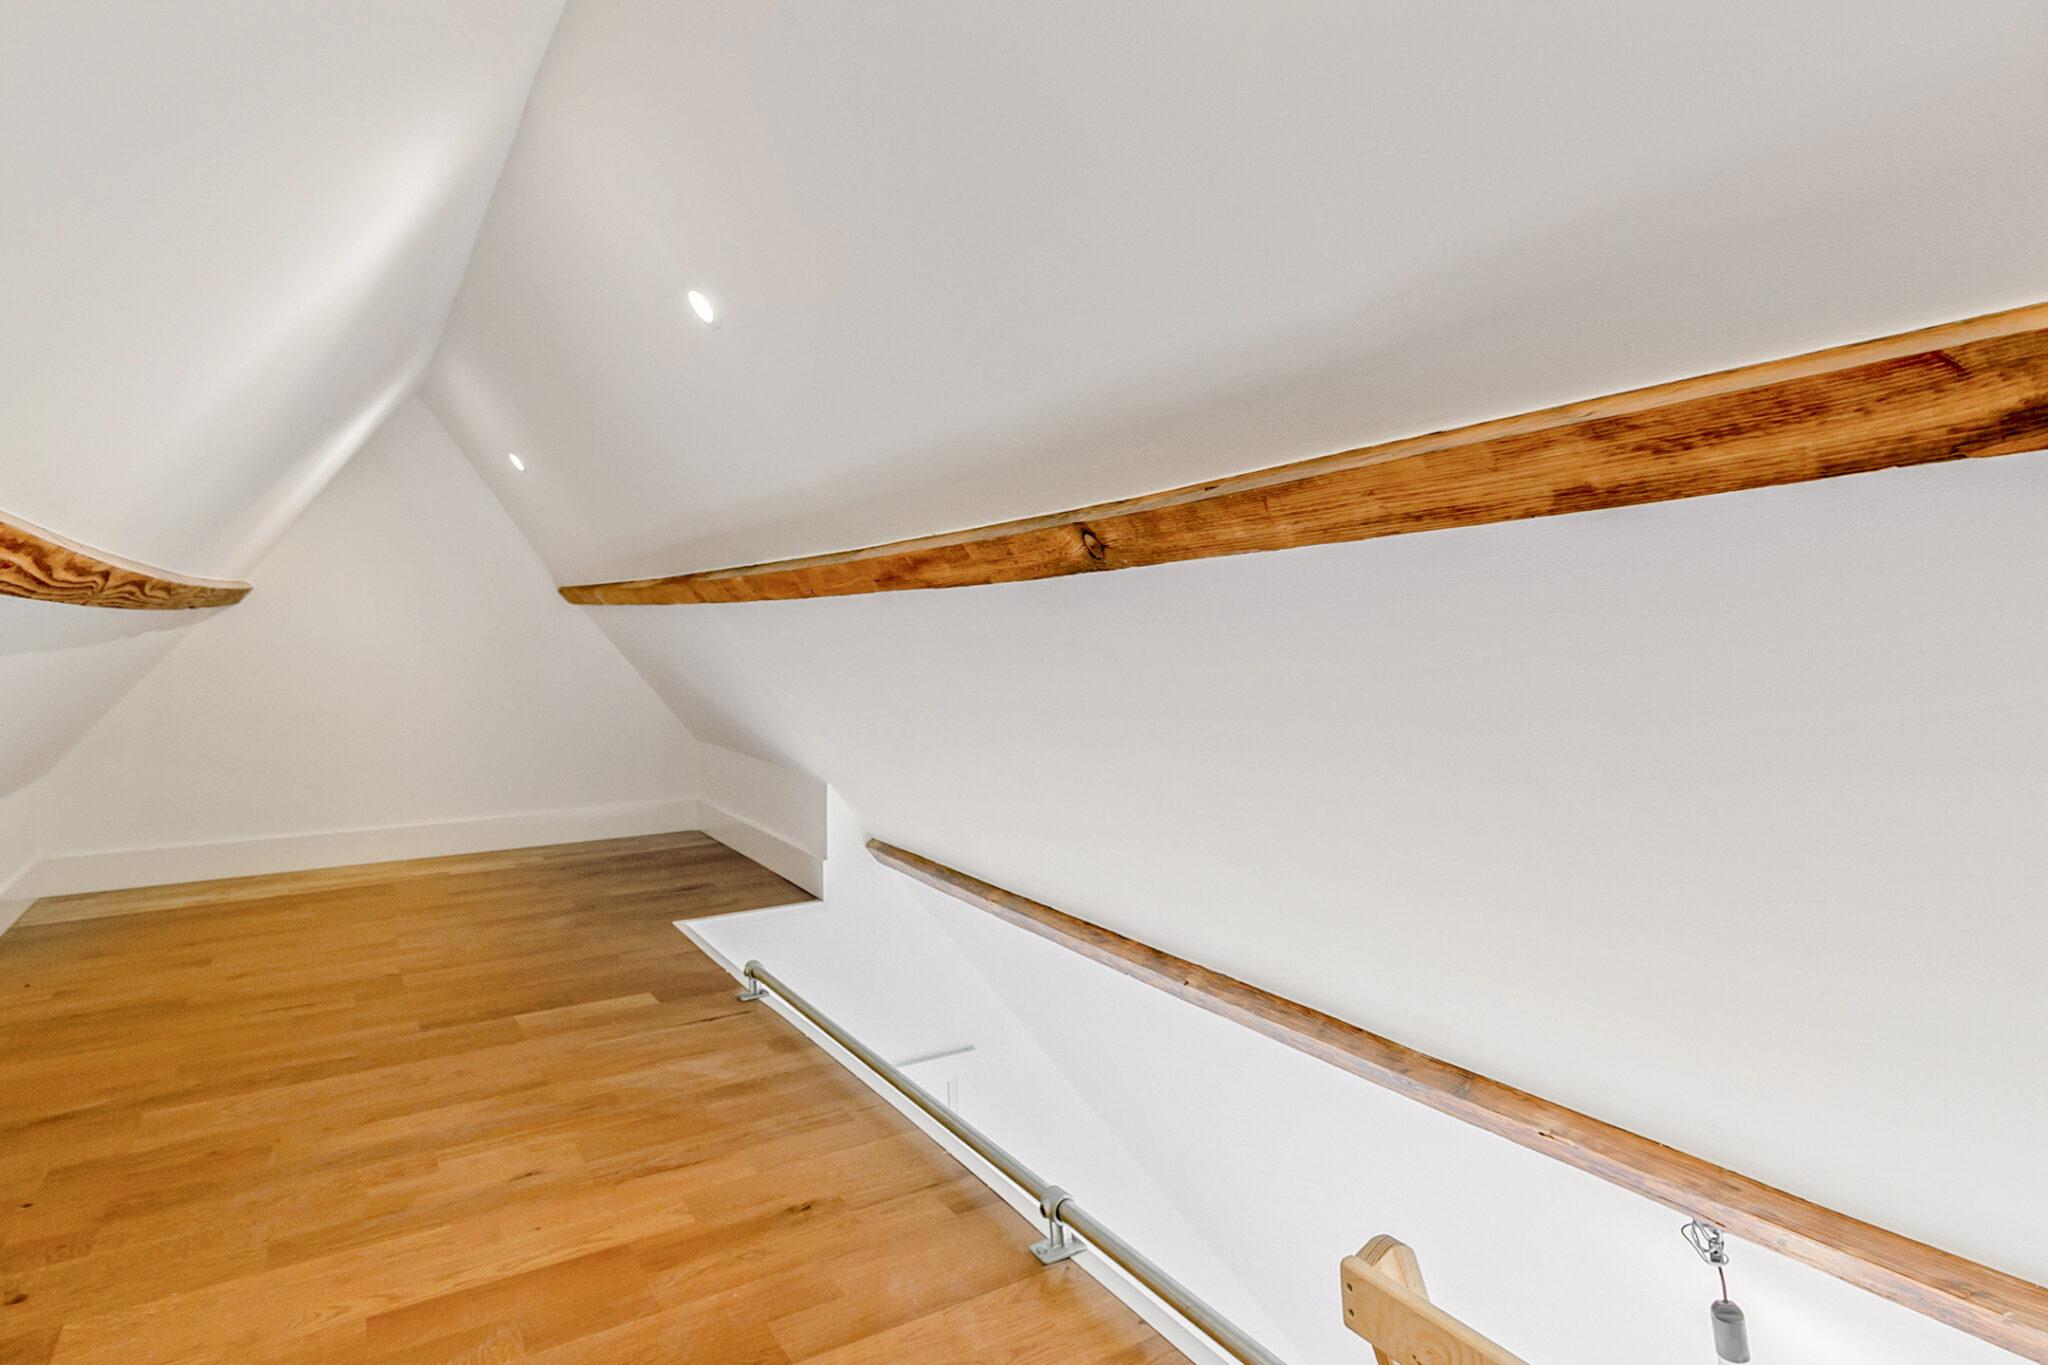 Pieter van Aschstraat 2B slaapkamer met ruime vliering annex slaap-speelplek